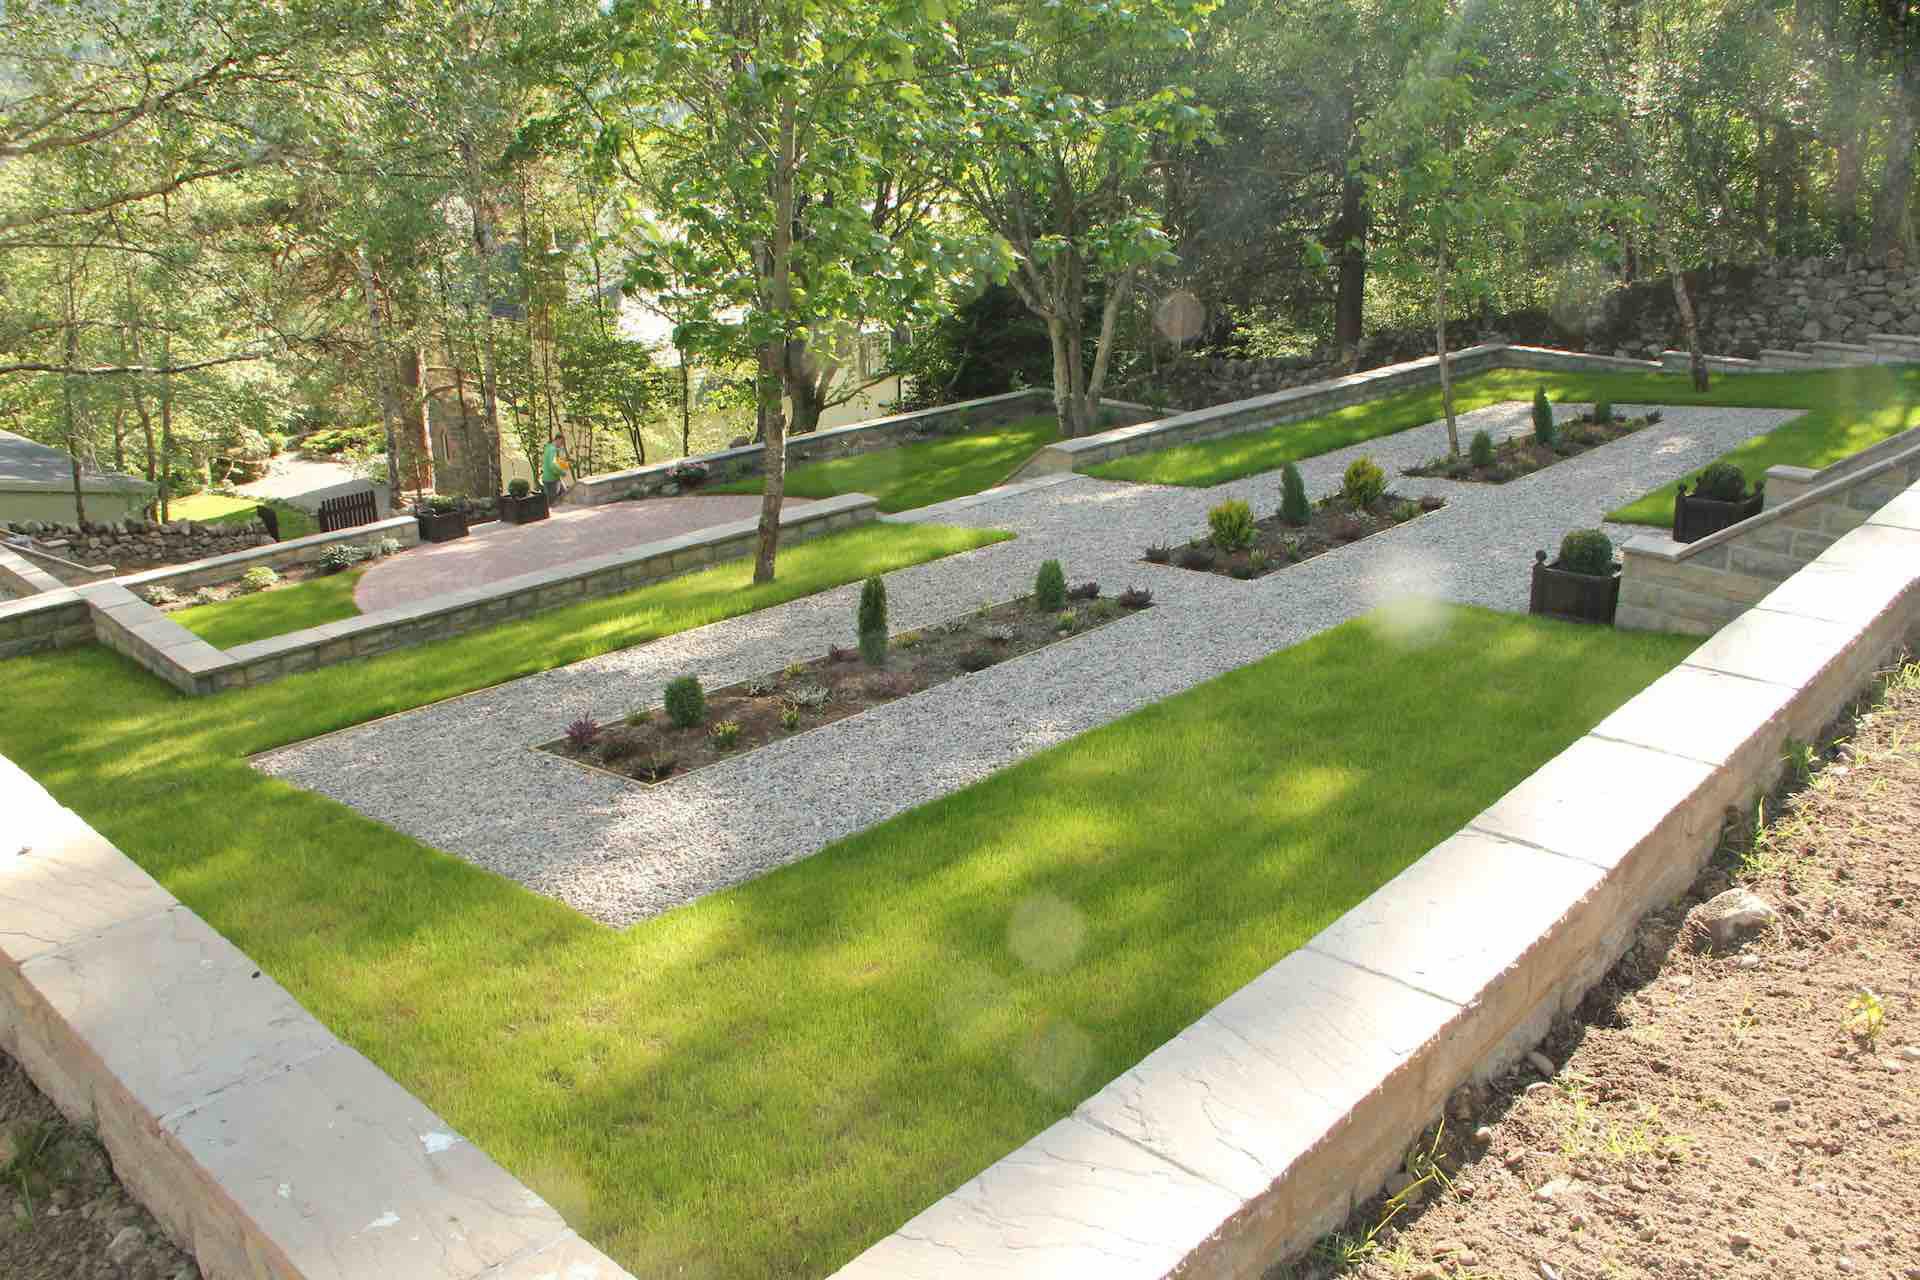 Garden landscape design multi-tiered Kinguissie